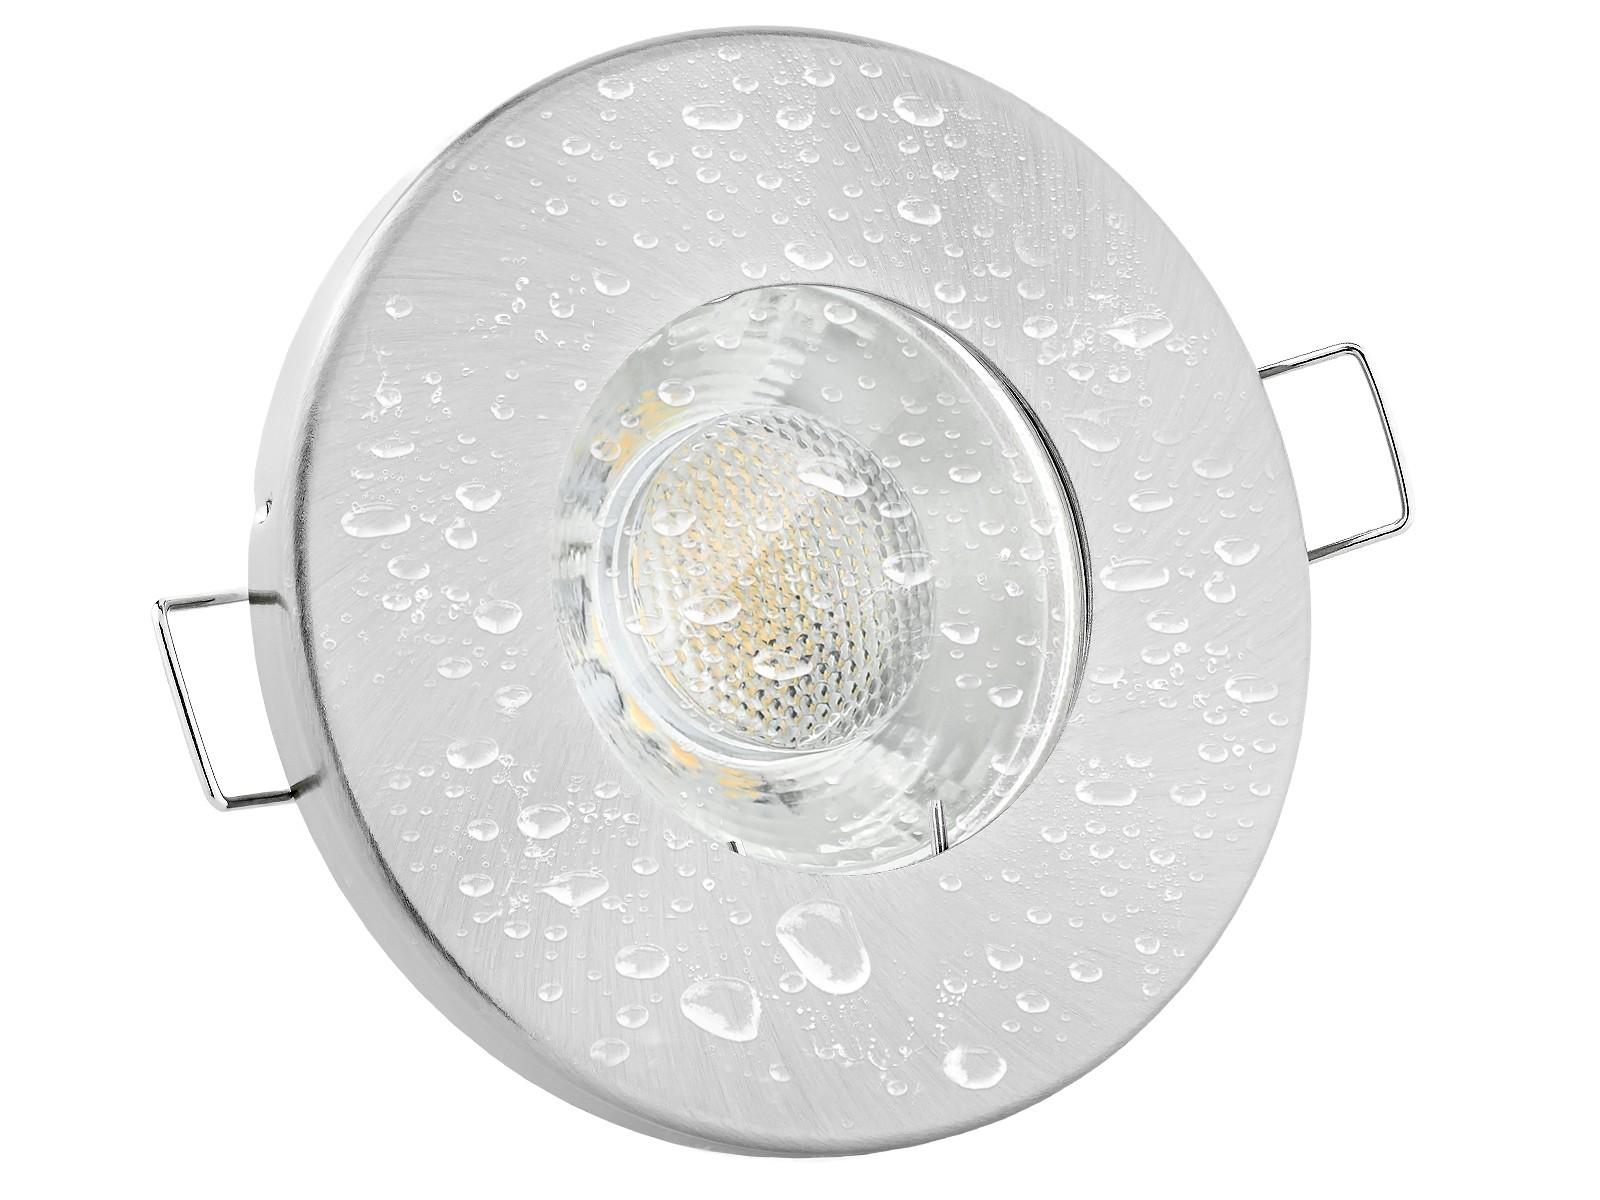 Einbaustrahler-IP65-Rund-Alu-Front-Wasser Fabelhafte Feuchtraum Led Einbaustrahler 230v Dekorationen